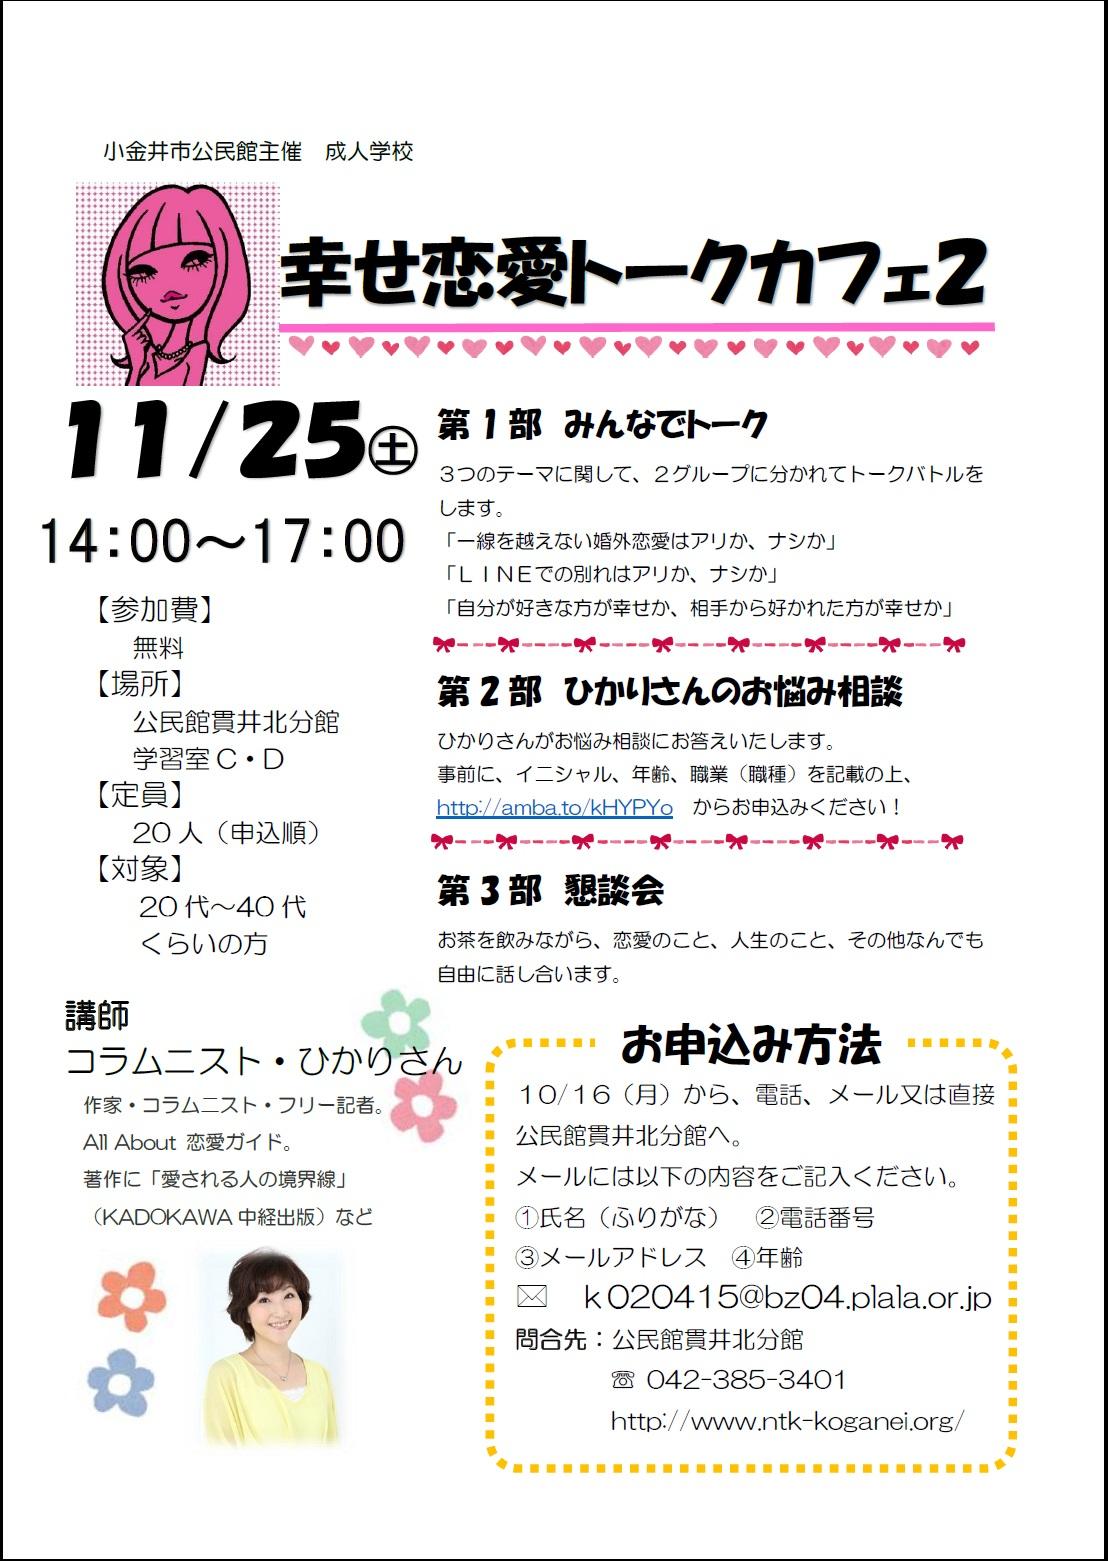 「幸せ恋愛トークカフェ2」を開催!(※参加費無料)